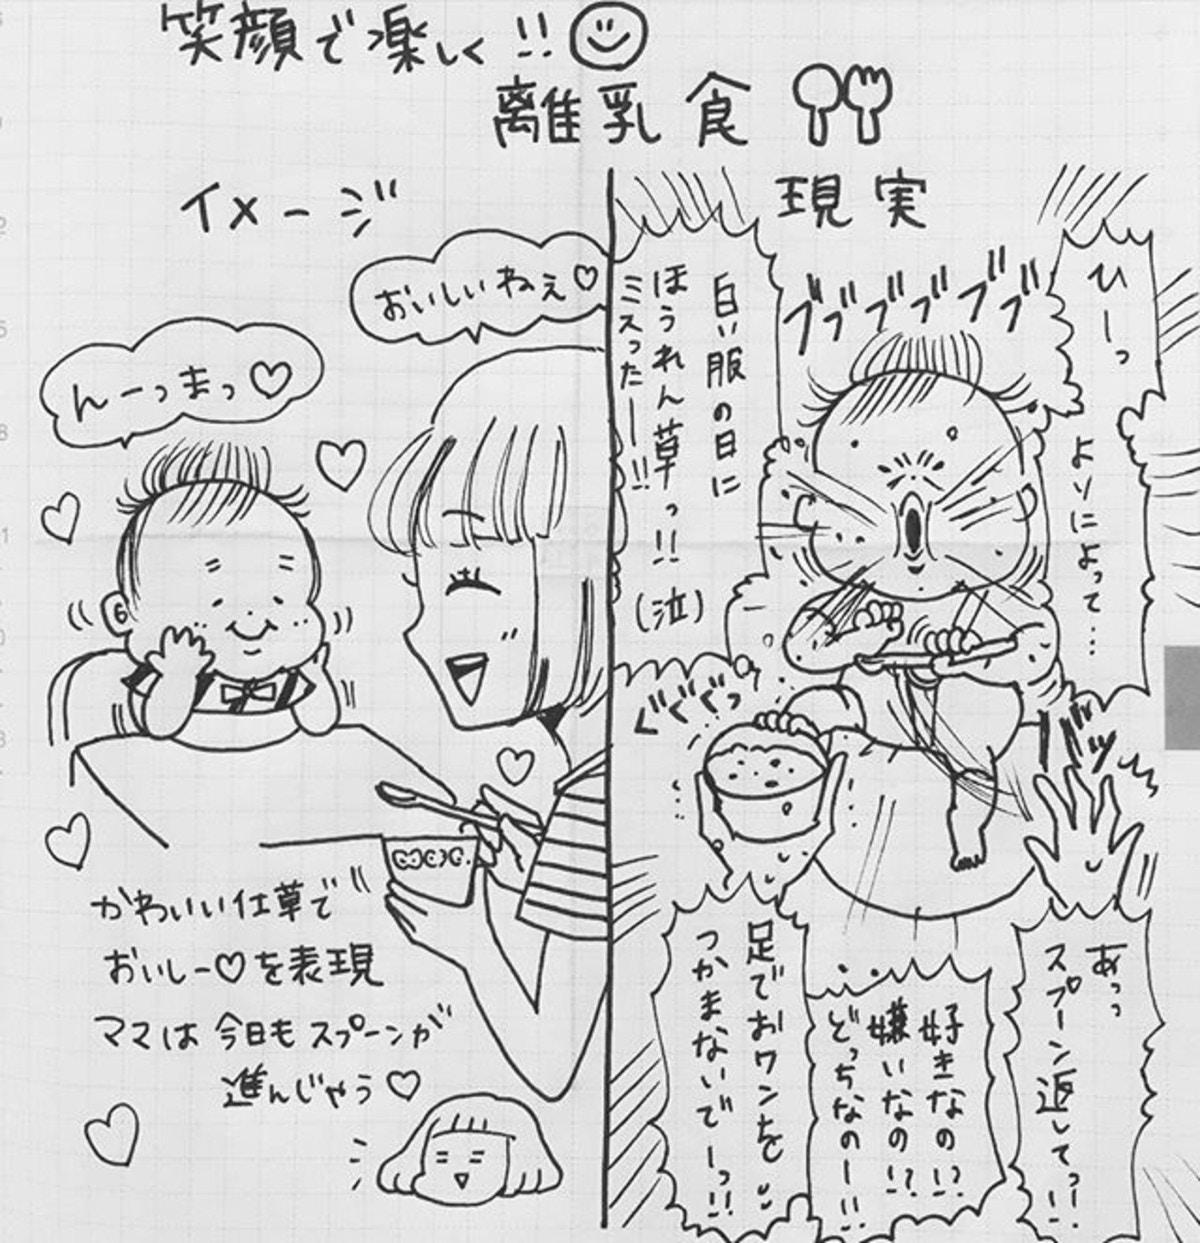 育児あるある満載 かわいいイラストと爆笑エピソードに癒されるユキミ